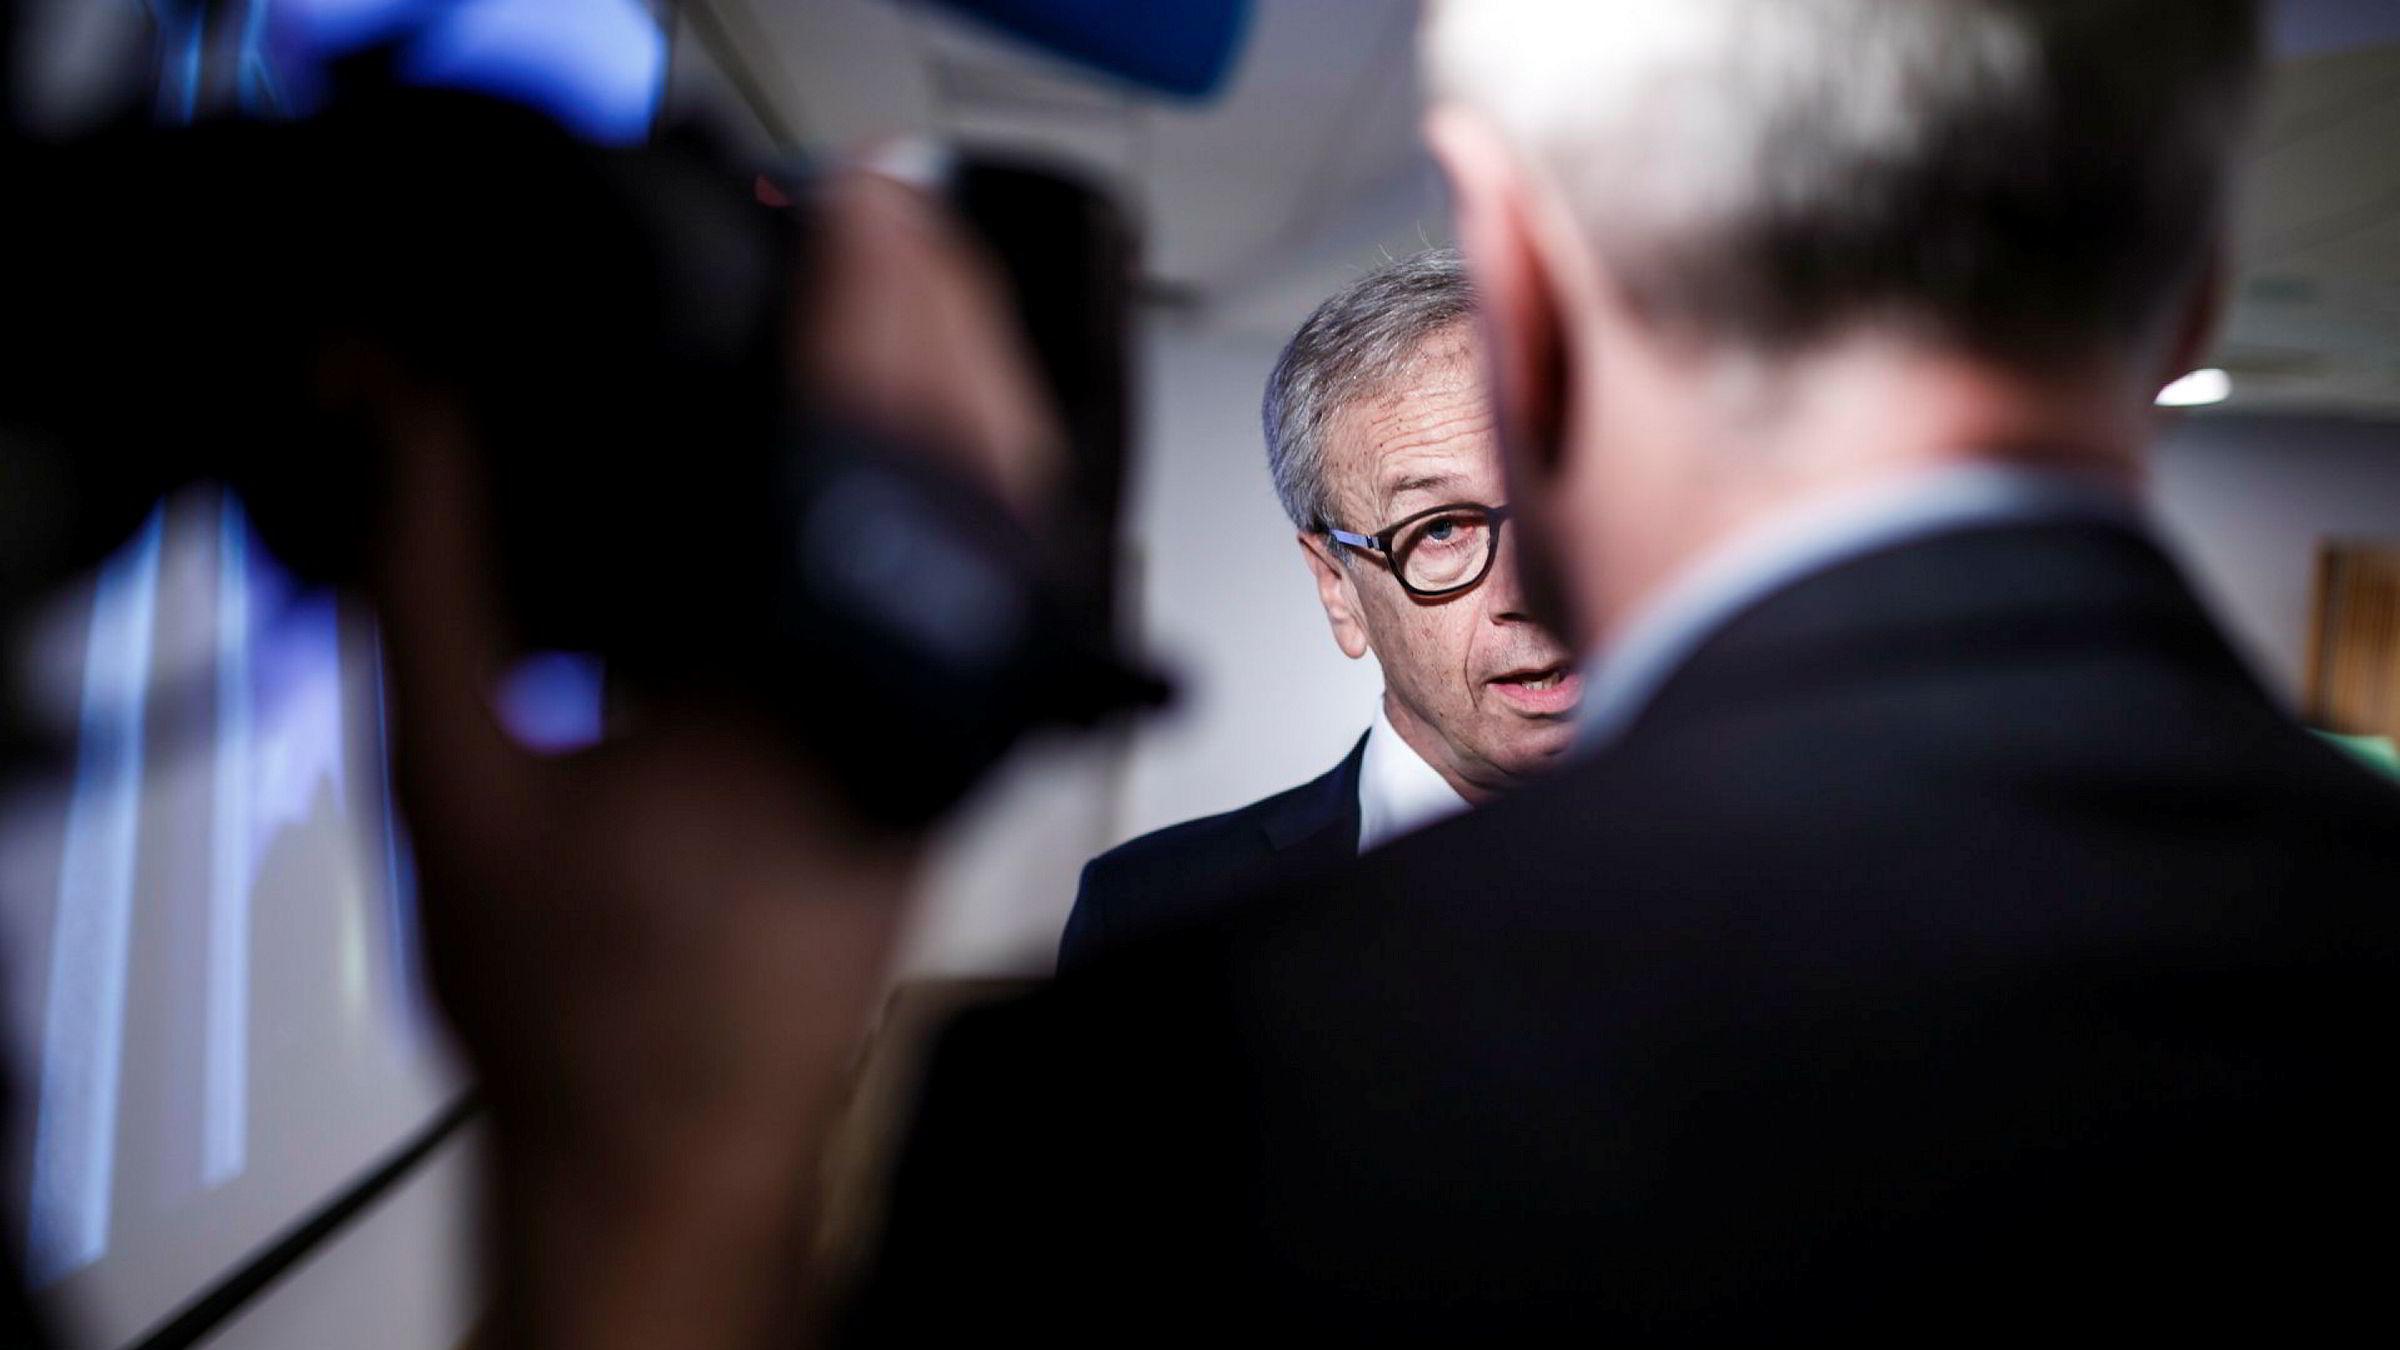 Sentralbanksjef Øystein Olsen mener Norges Bank er i stand til å ta vare på Oljefondet, gitt at det ikke går inn i eksempelvis unoterte aksjer. Torsdag redegjorde han for bankens høringssvar under et foredrag på Handelshøyskolen BI.